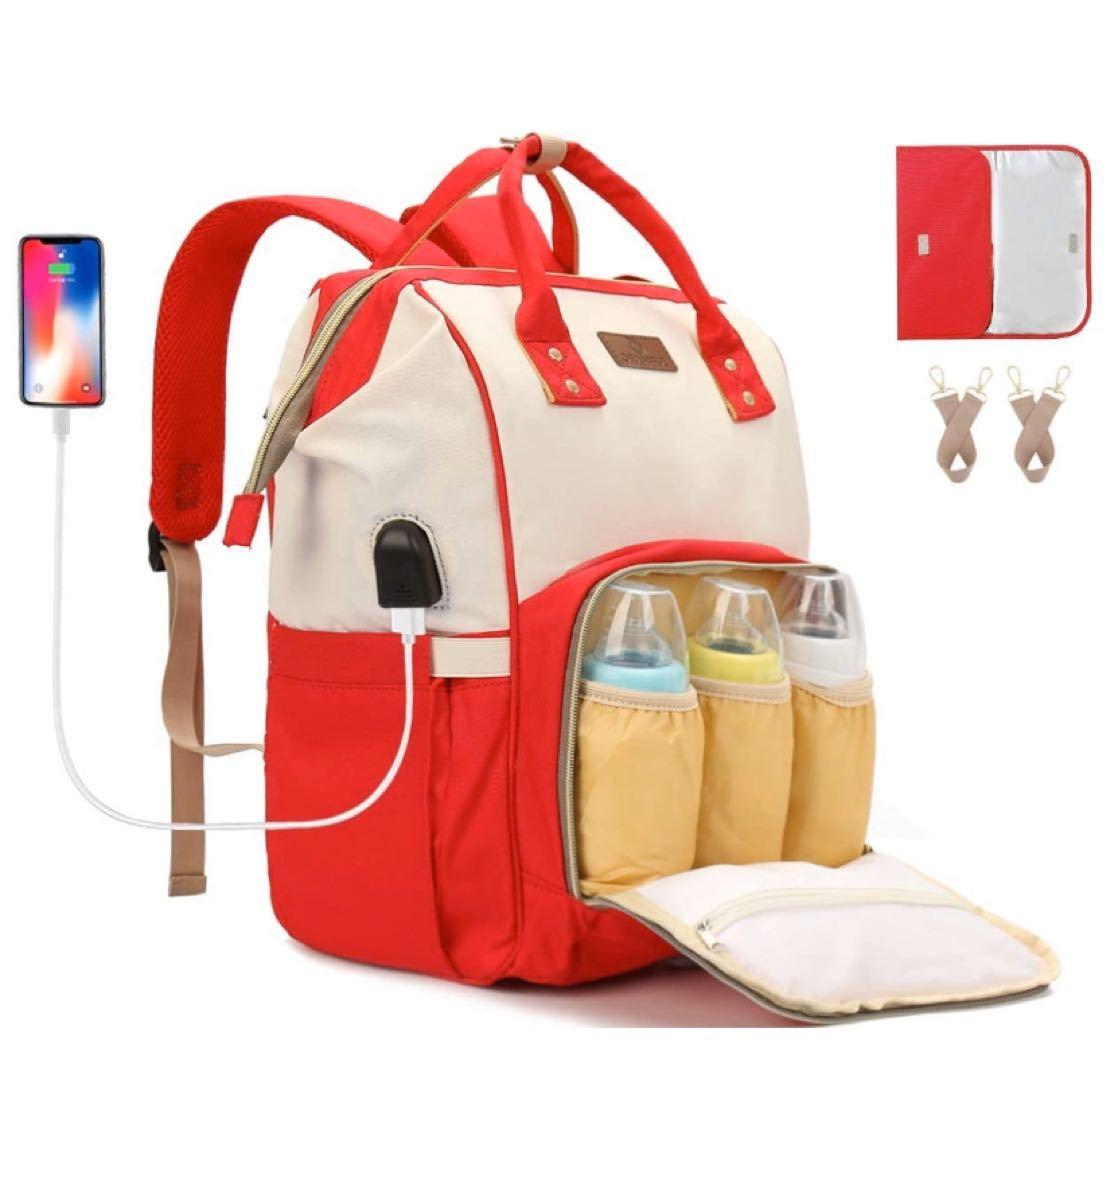 マザーズバッグ リュック 防水 ママバッグ 軽量 保温 ベビー用品 USB 新品